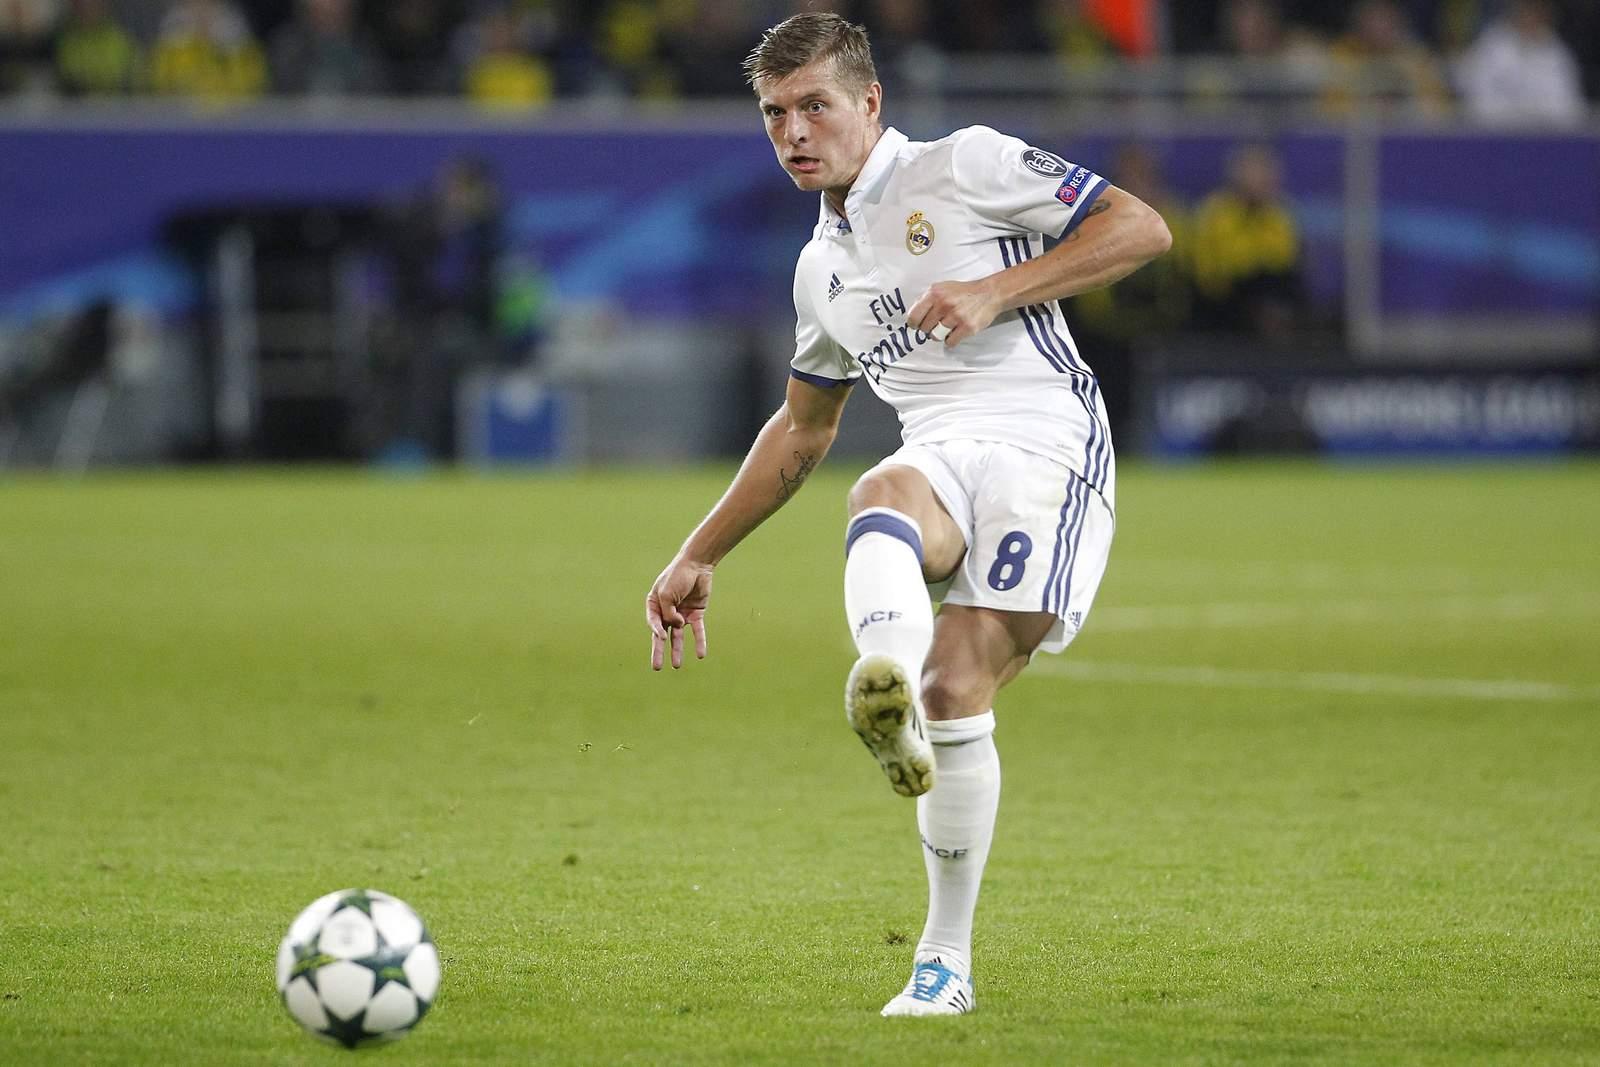 Toni Kroos mit einem Pass. Jetzt auf Real Madrid gegen Neapel wetten!